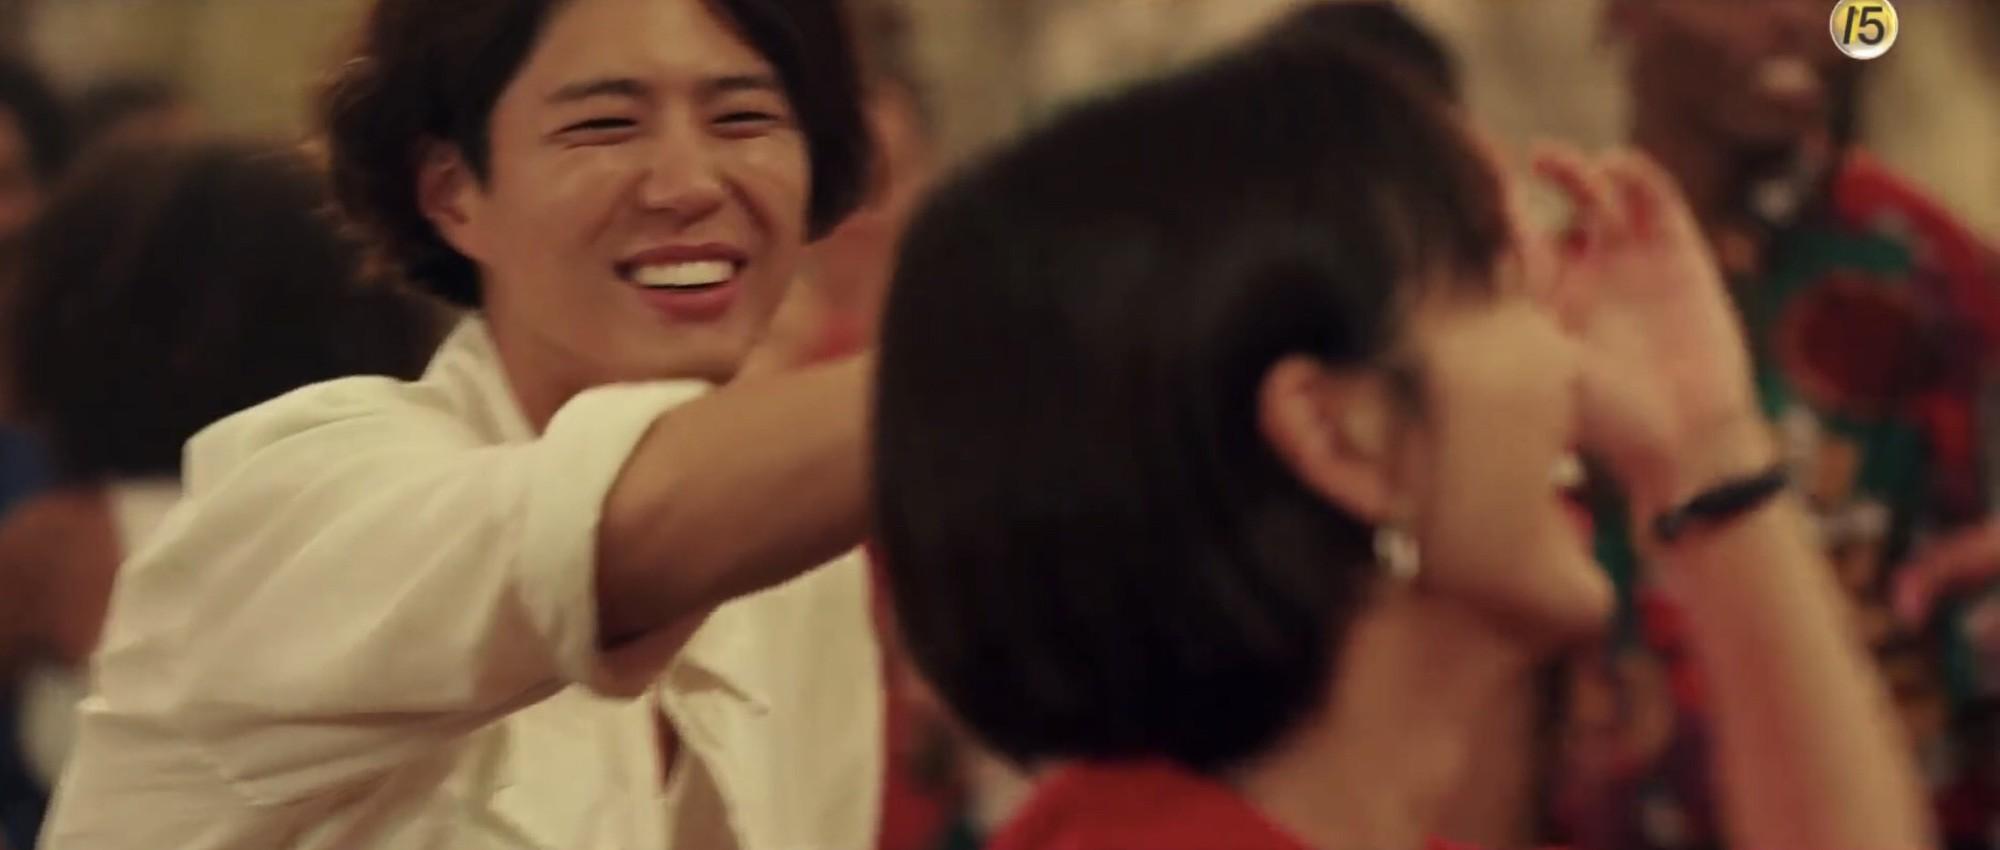 """Nhìn xem phim Hàn 2018 đã cho """"ra mắt chị em"""" bao nhiêu chàng bạn trai trong mơ! - Ảnh 39."""